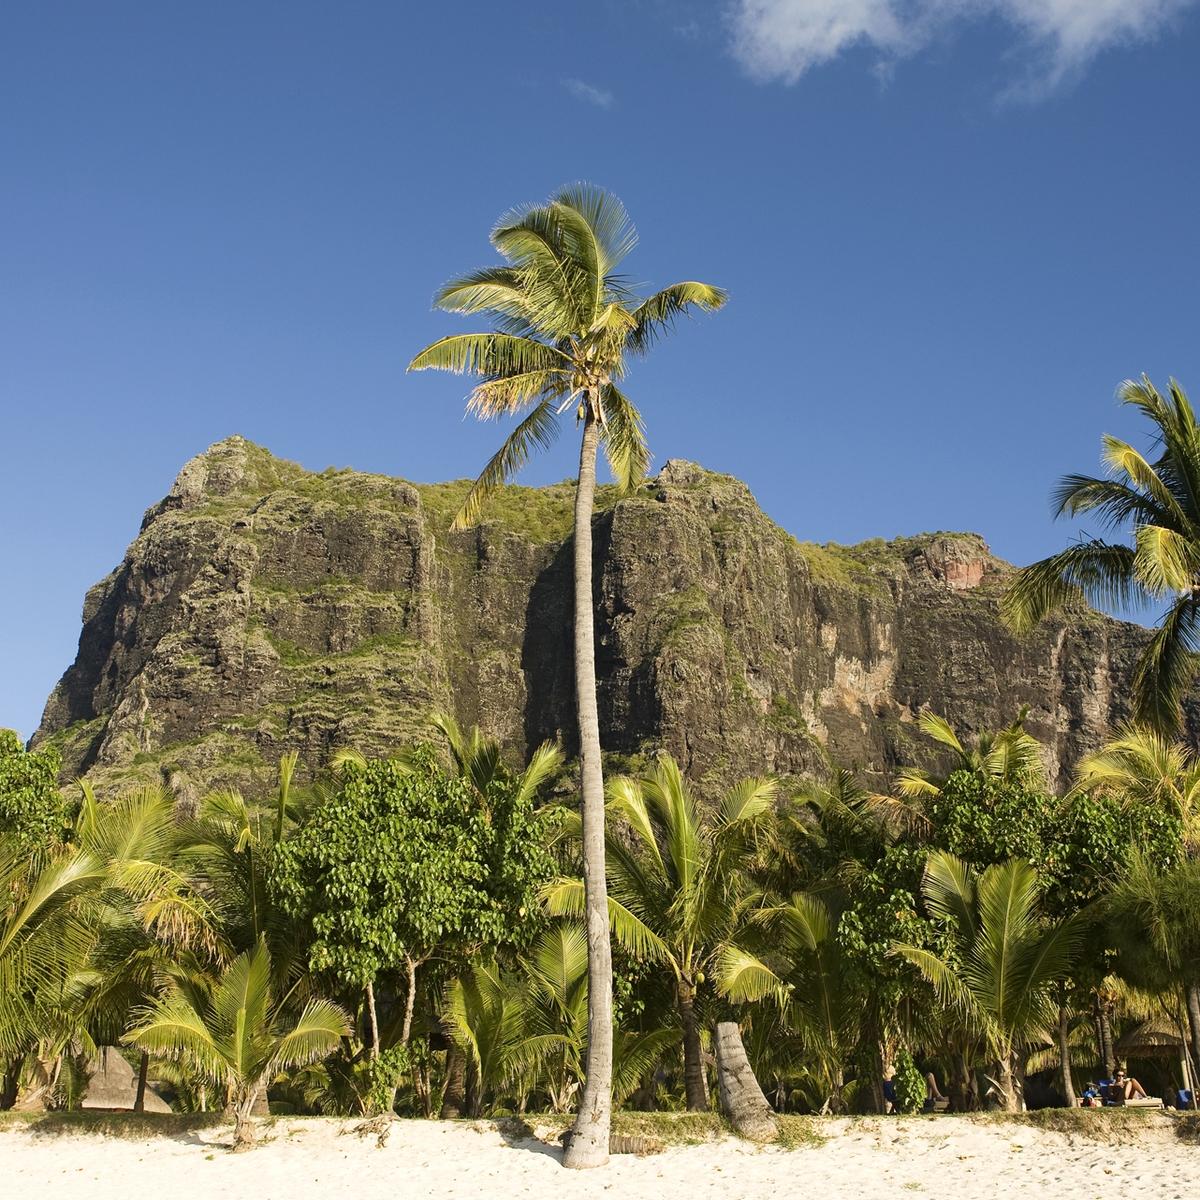 Die schönsten Reiseziele Afrikas: Mauritius